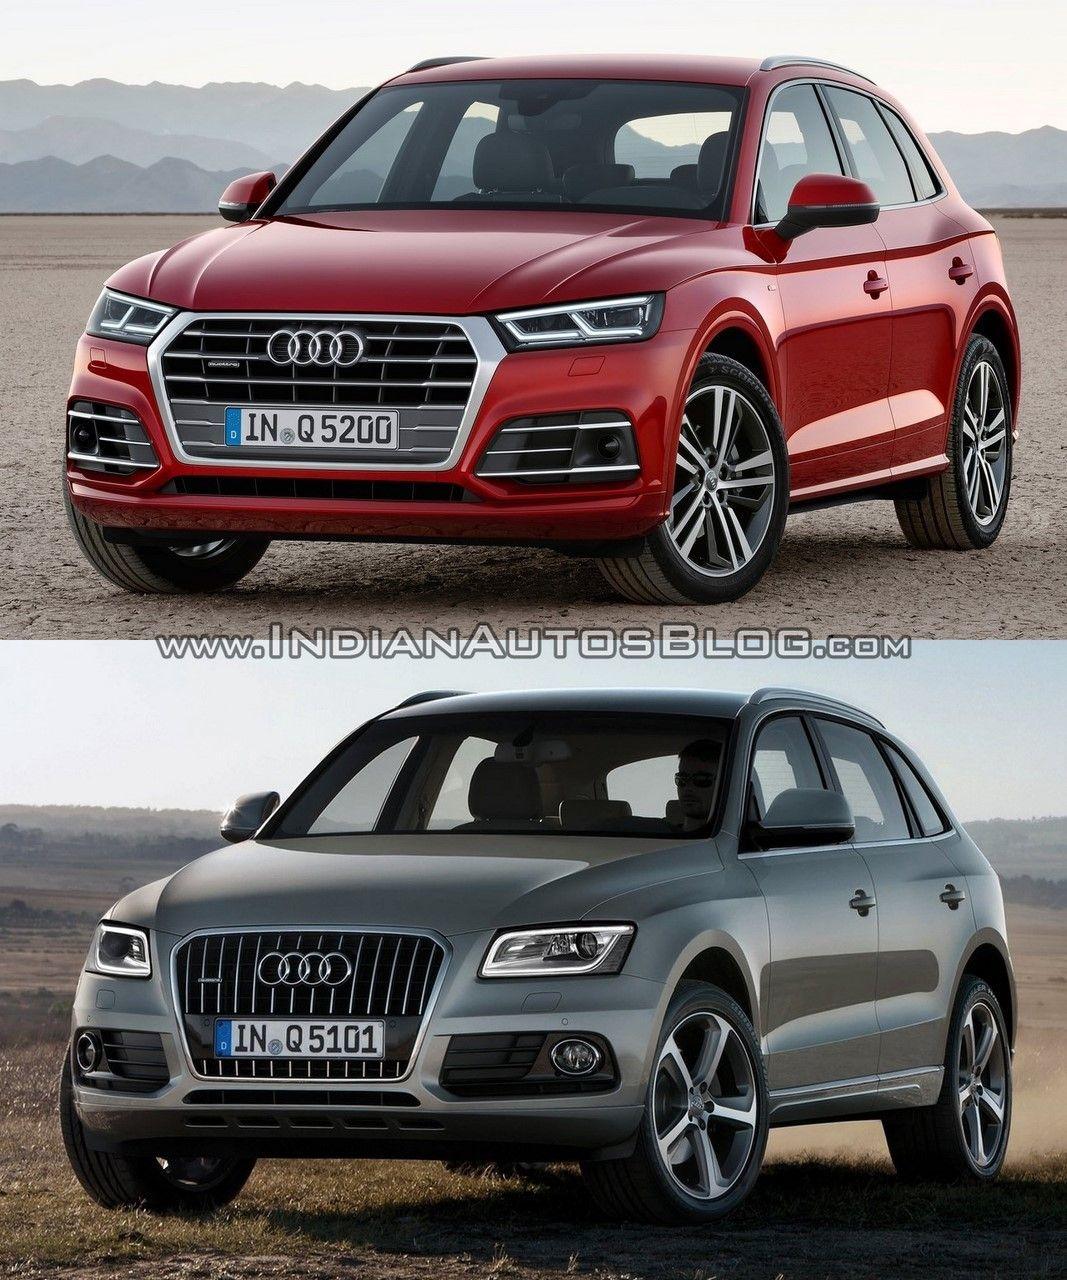 2013 Audi Q5   In Images. AudiCars